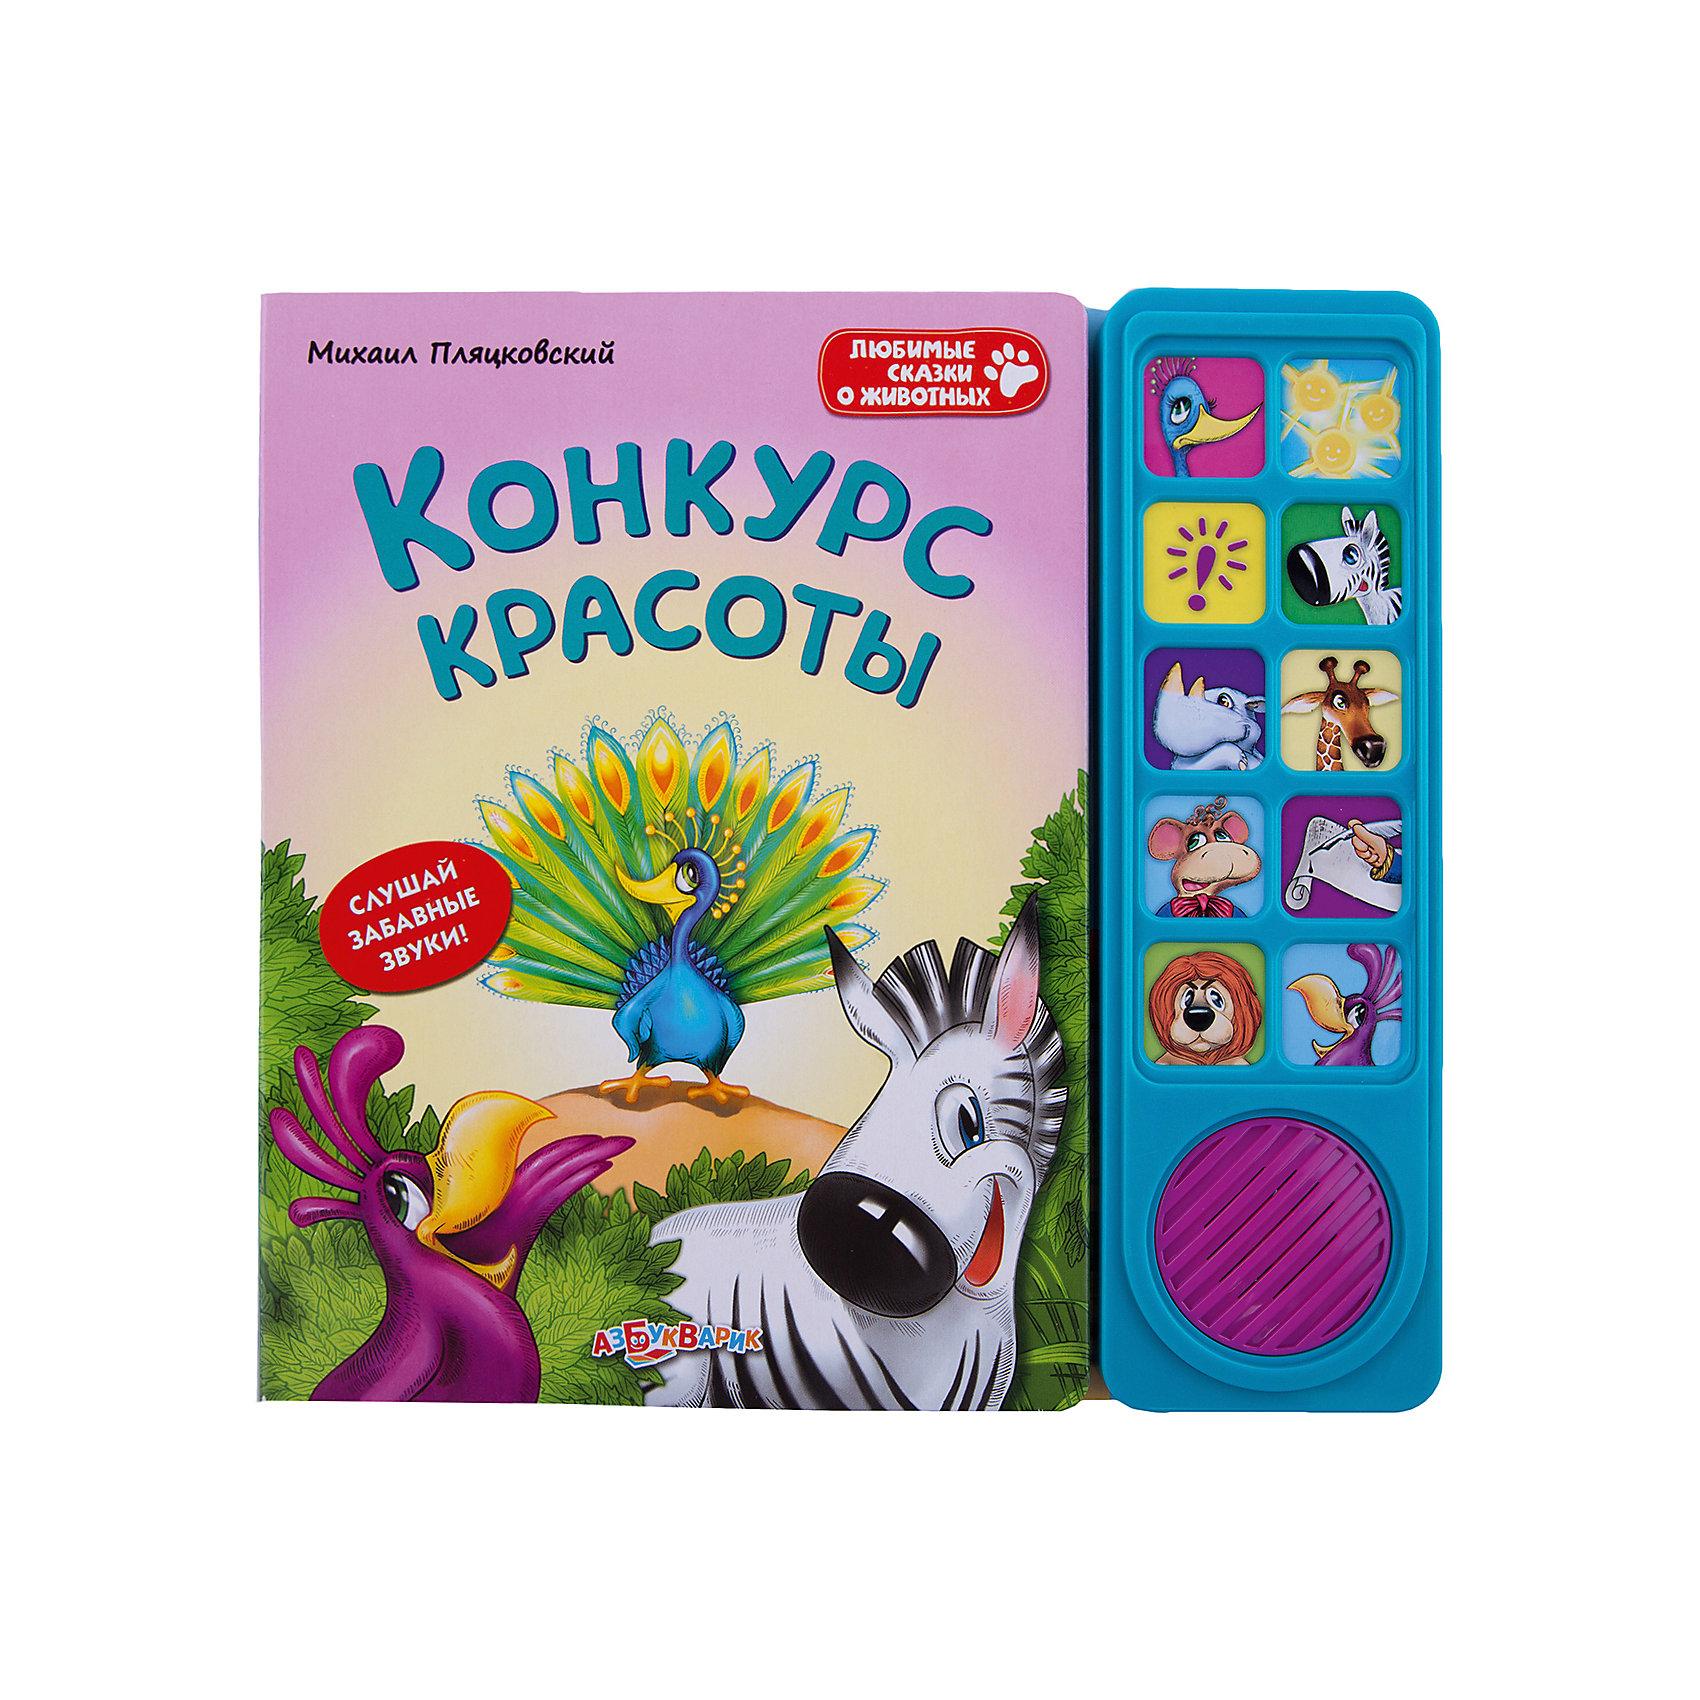 Книга со звуковым модулем Конкурс красотыЭта книжка обязательно понравится всем малышам! Рассматривай яркие картинки, читай увлекательную сказку, нажимай на кнопочки слушай голоса животных и другие забавные звуки.<br>Плотная обложка и картонные страницы идеально подойдут даже для самых юных и активных читателей. <br><br>Дополнительная информация:<br><br>- Формат: 24х23 см.<br>- Количество страниц: 10.<br>- Переплет: твердый.<br>- Иллюстрации: цветные.<br>- Плотные картонные страницы. <br>- Звуковой модуль. <br>- Элемент питания: батарейки (в комплекте). <br><br>Книгу со звуковым модулем Конкурс красоты можно купить в нашем магазине.<br><br>Ширина мм: 24<br>Глубина мм: 23<br>Высота мм: 24<br>Вес г: 450<br>Возраст от месяцев: 24<br>Возраст до месяцев: 48<br>Пол: Унисекс<br>Возраст: Детский<br>SKU: 4951787